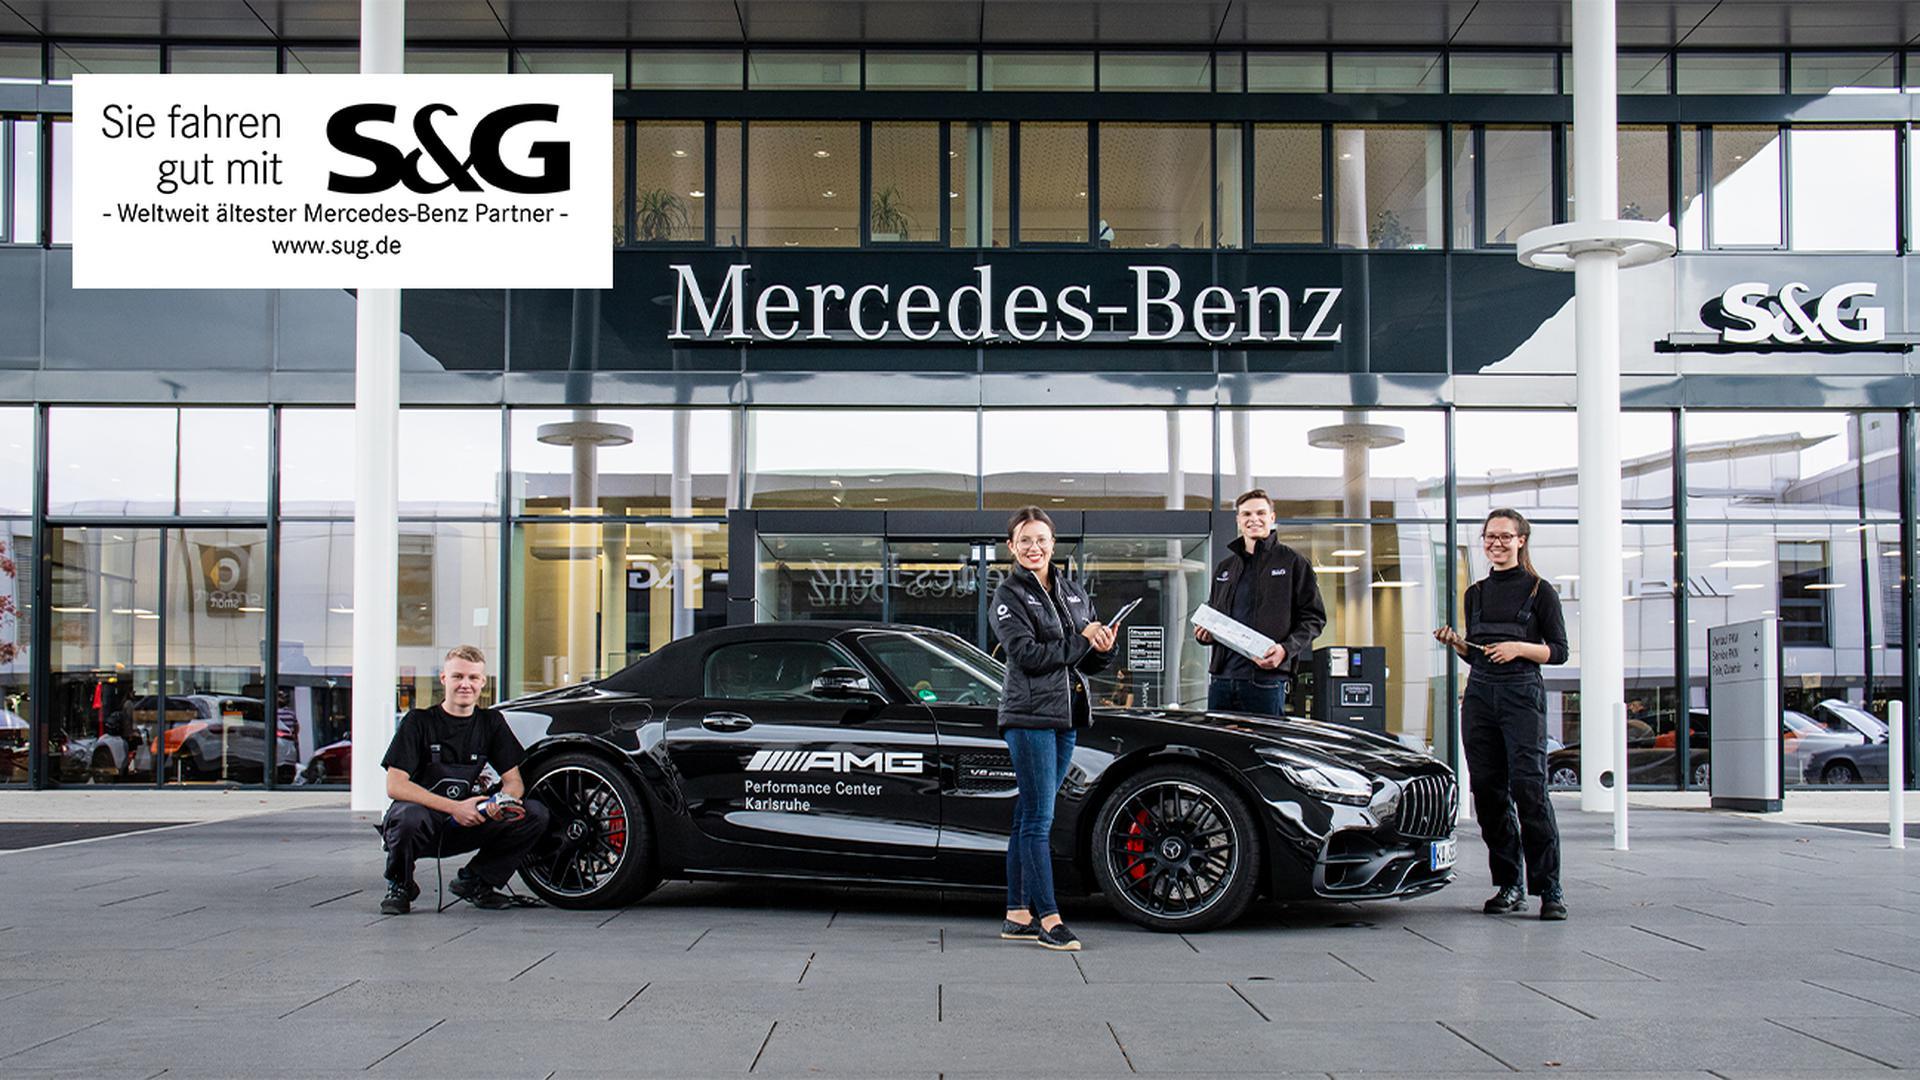 Weltweit ältester Mercedes-Benz Partner